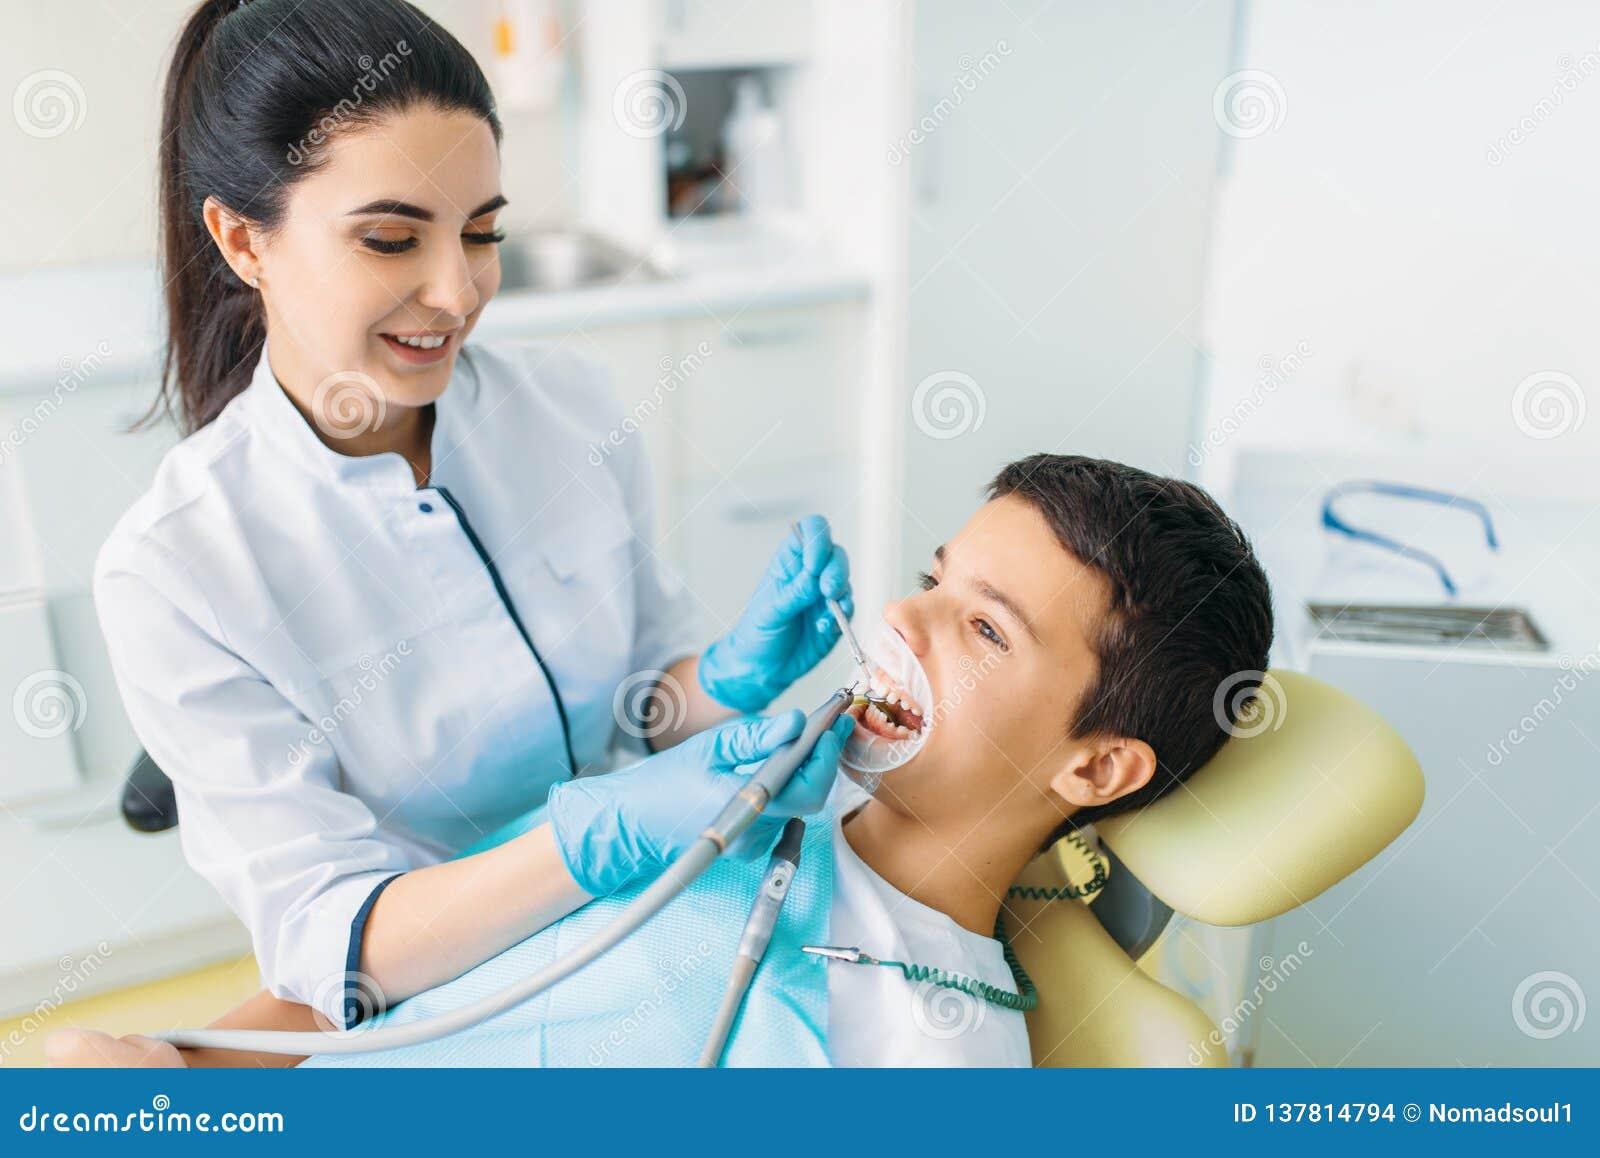 Proceso de instalación del sello, odontología pediátrica